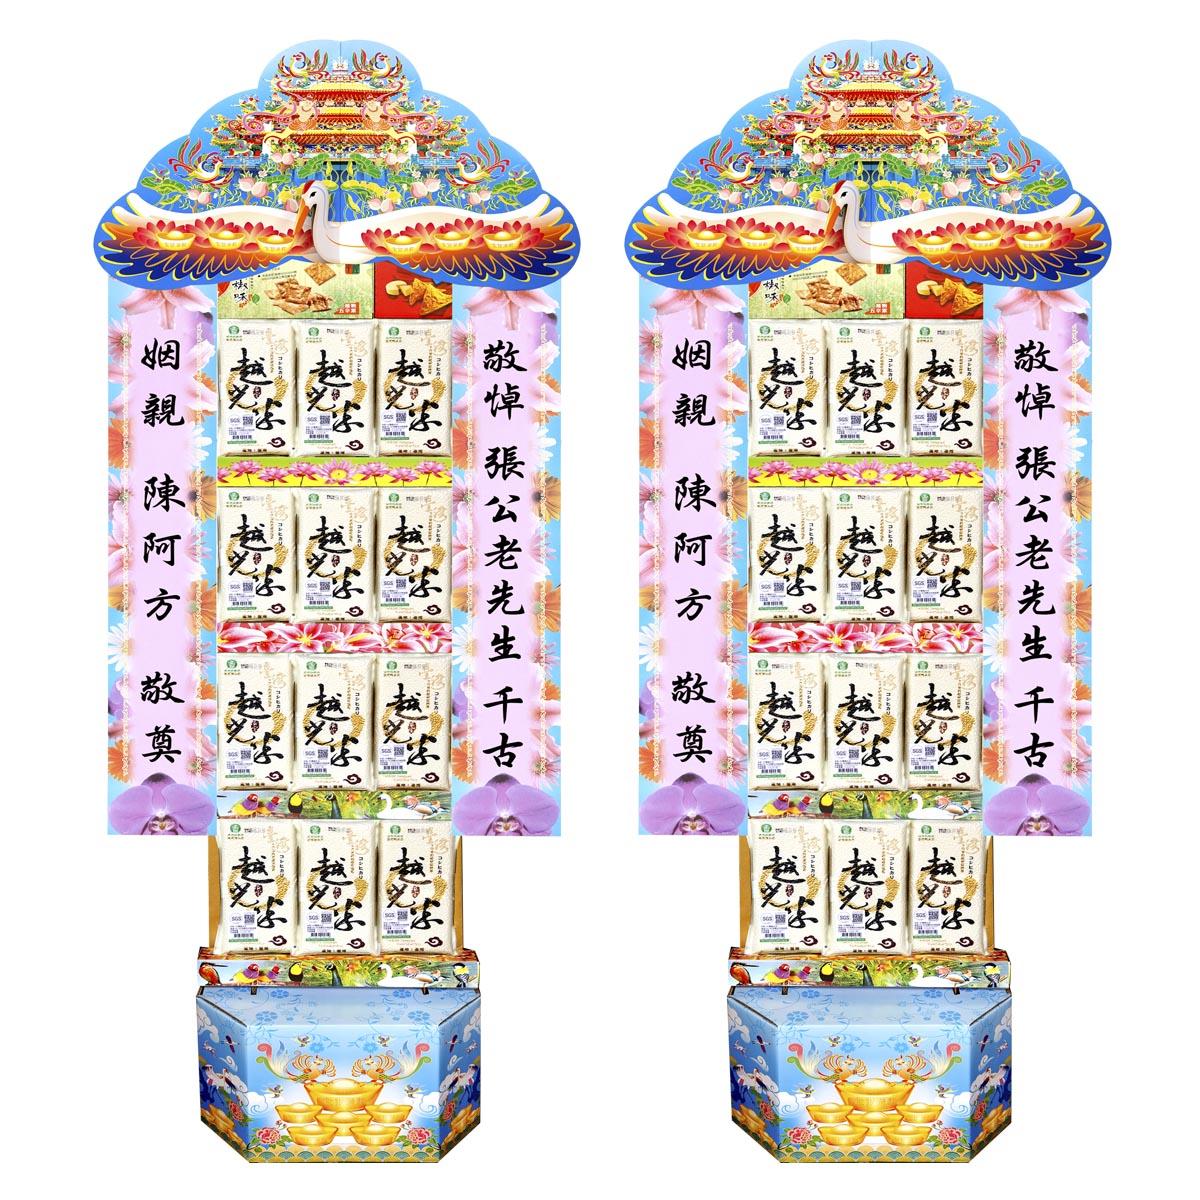 喪禮用罐頭塔-SGS越光米3x4 罐頭禮籃